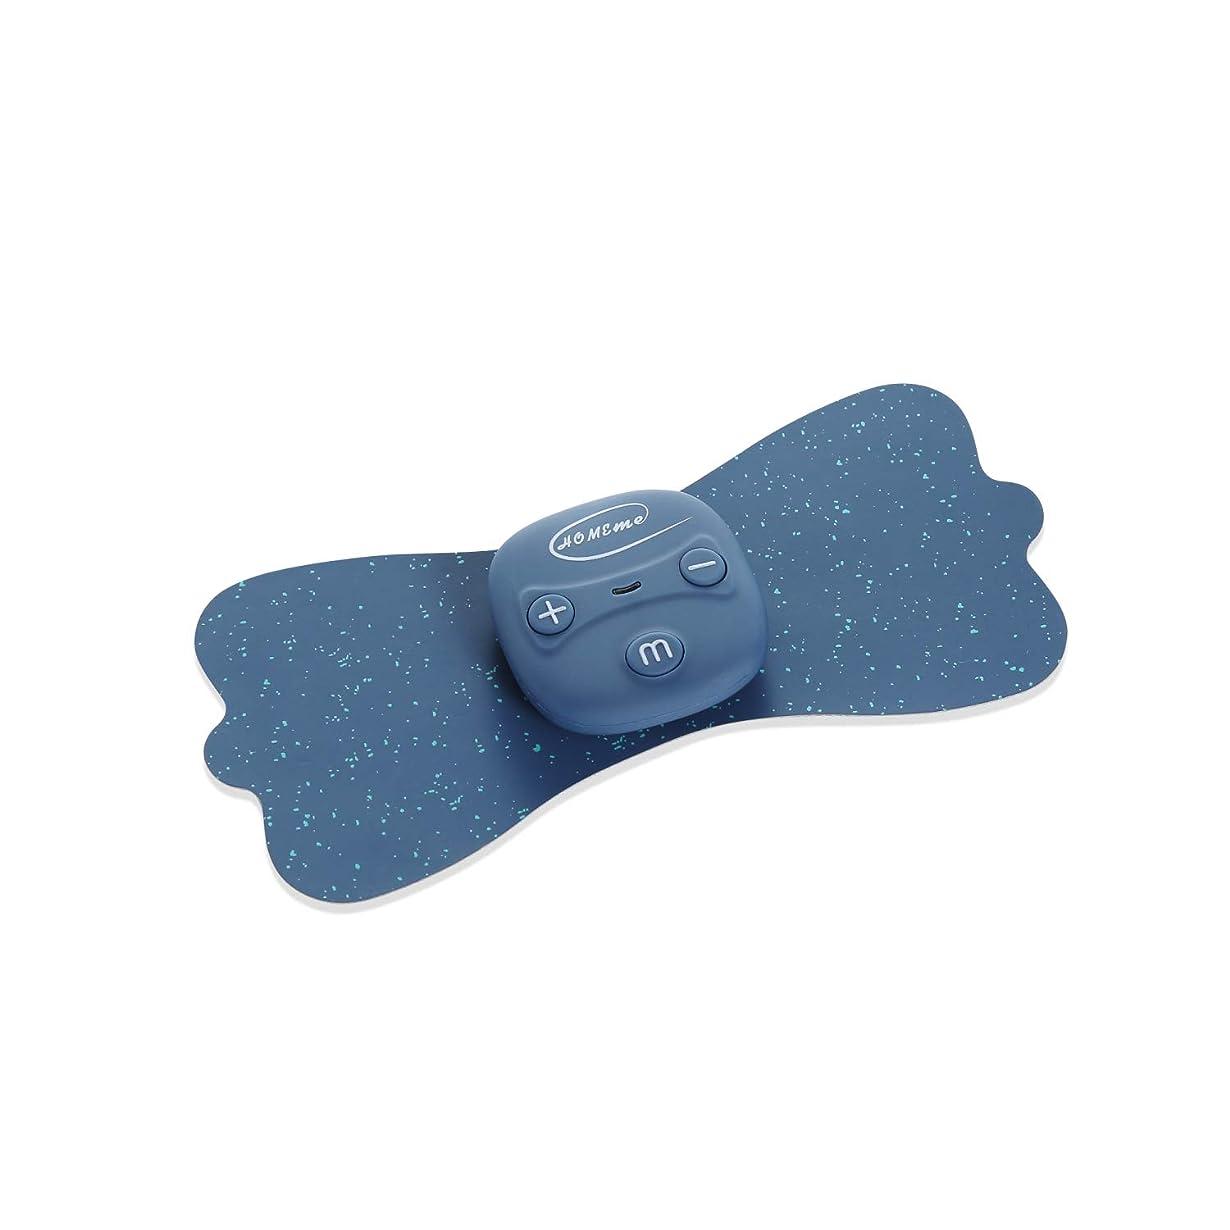 光ワーディアンケース天窓HOMEME 低周波マッサージパッド 2枚 EMSパッド 15段階調節 6つモード 腰マッサージ usb充電式 筋疲労回復 一年保証 首/肩/腰/背中/手/足向け